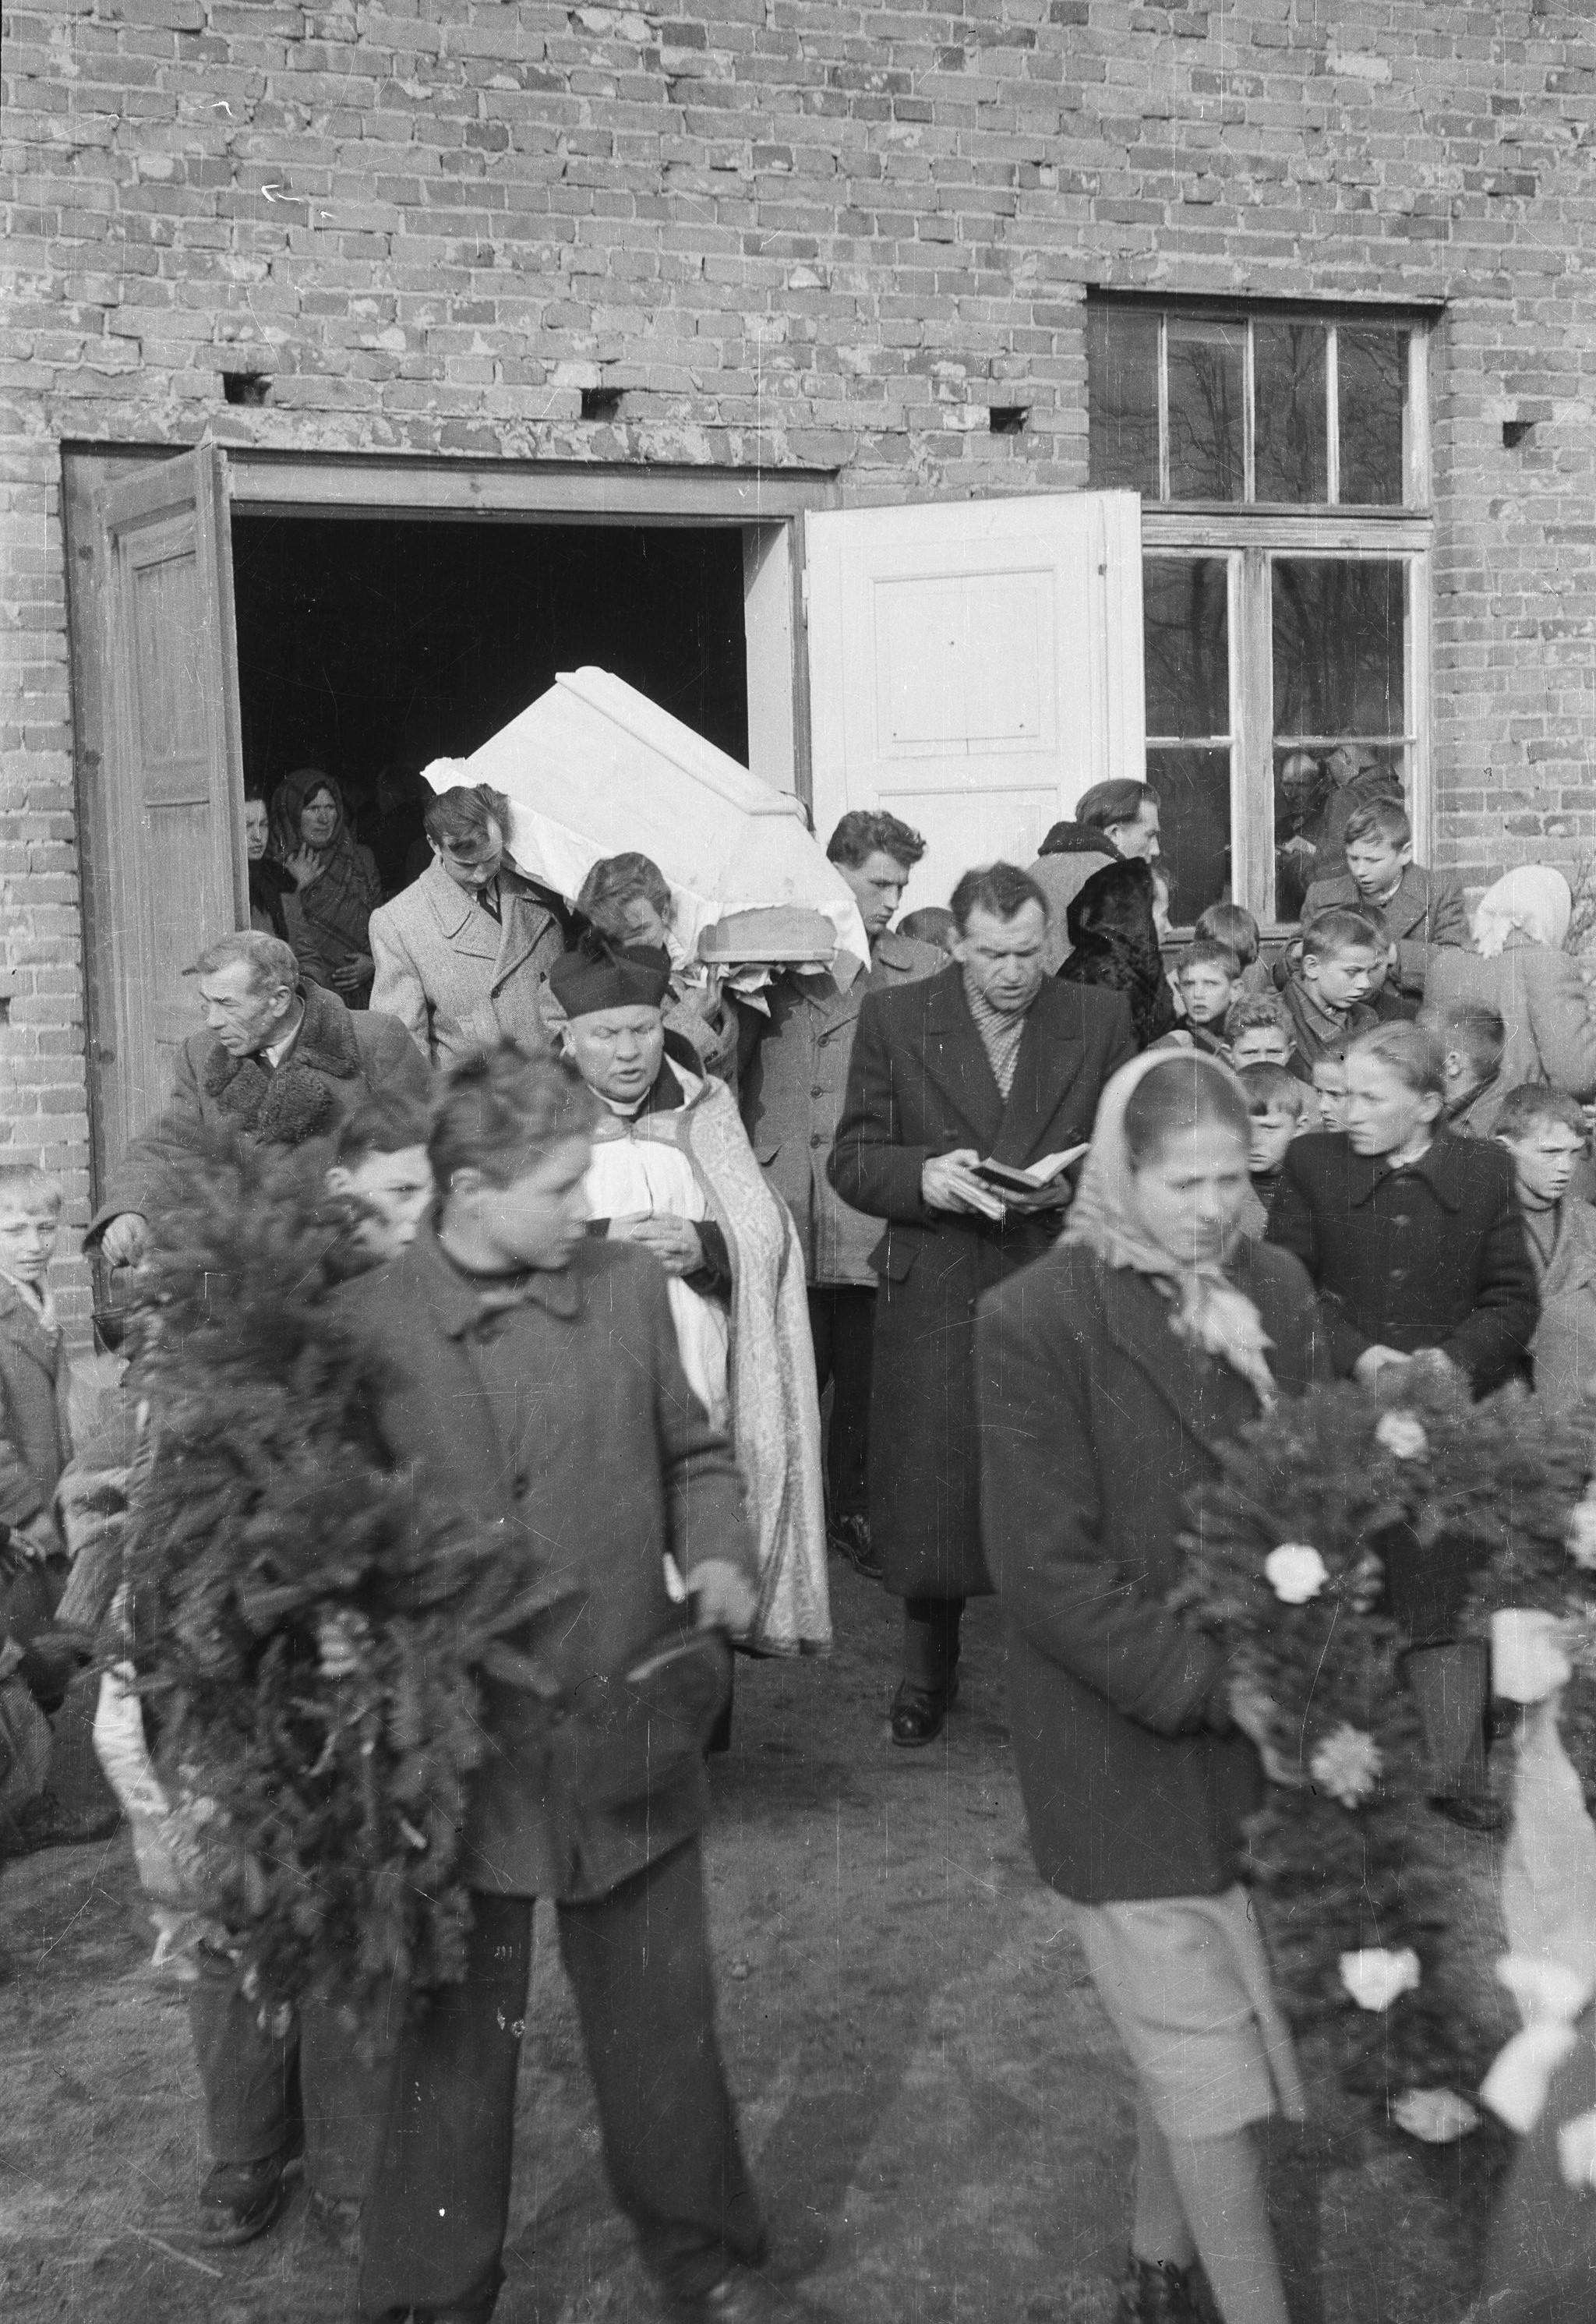 Wynoszenie trumny z domu, Białawy Małe, Dolny Śląsk, lata 50. XX w.